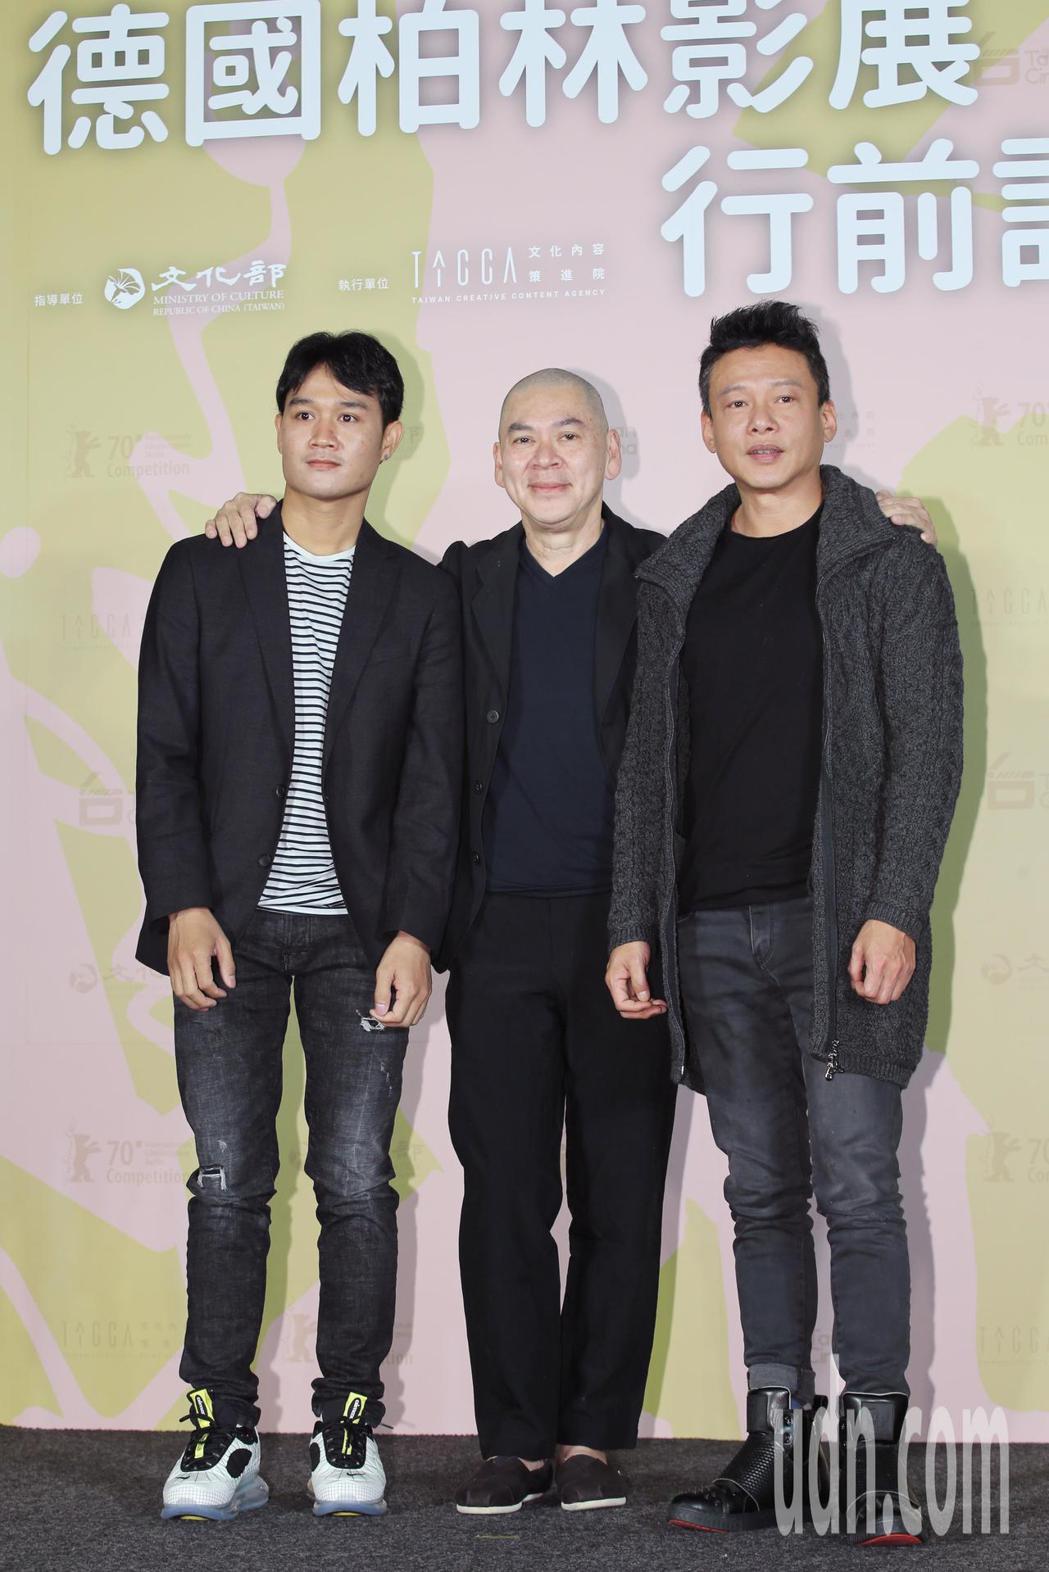 睽違15年,導演蔡明亮(中)的作品「日子」再度入圍柏林影展,影展行前他與兩位男主...